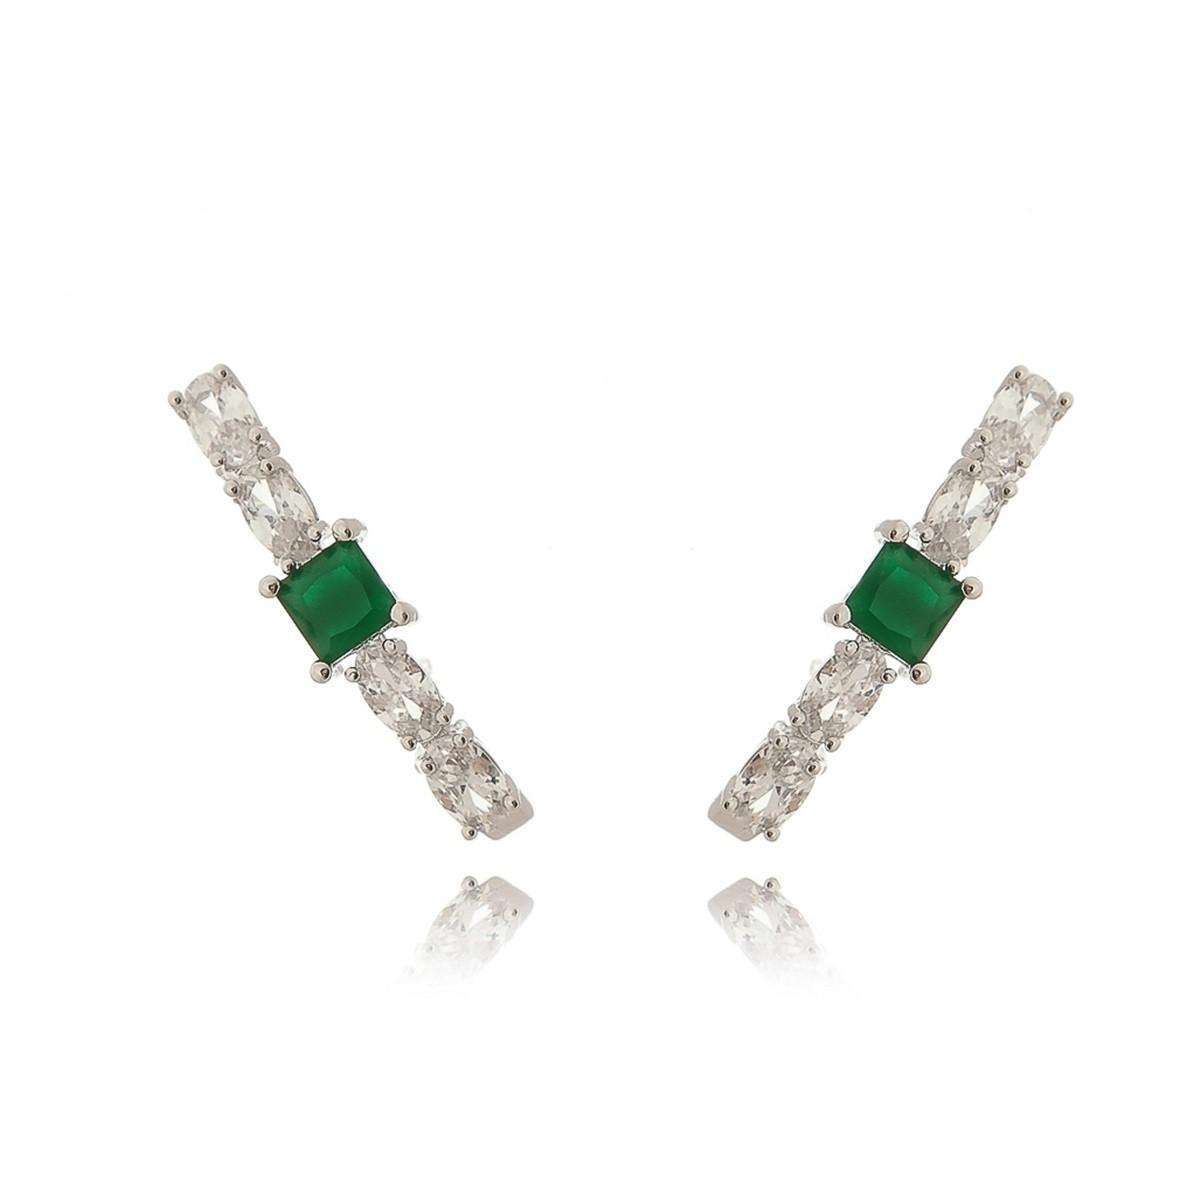 Brinco Ear Hook Semijoia Cravejado Zircônia Oval Branca e Cristal Esmeralda em Ródio Branco   - Soloyou